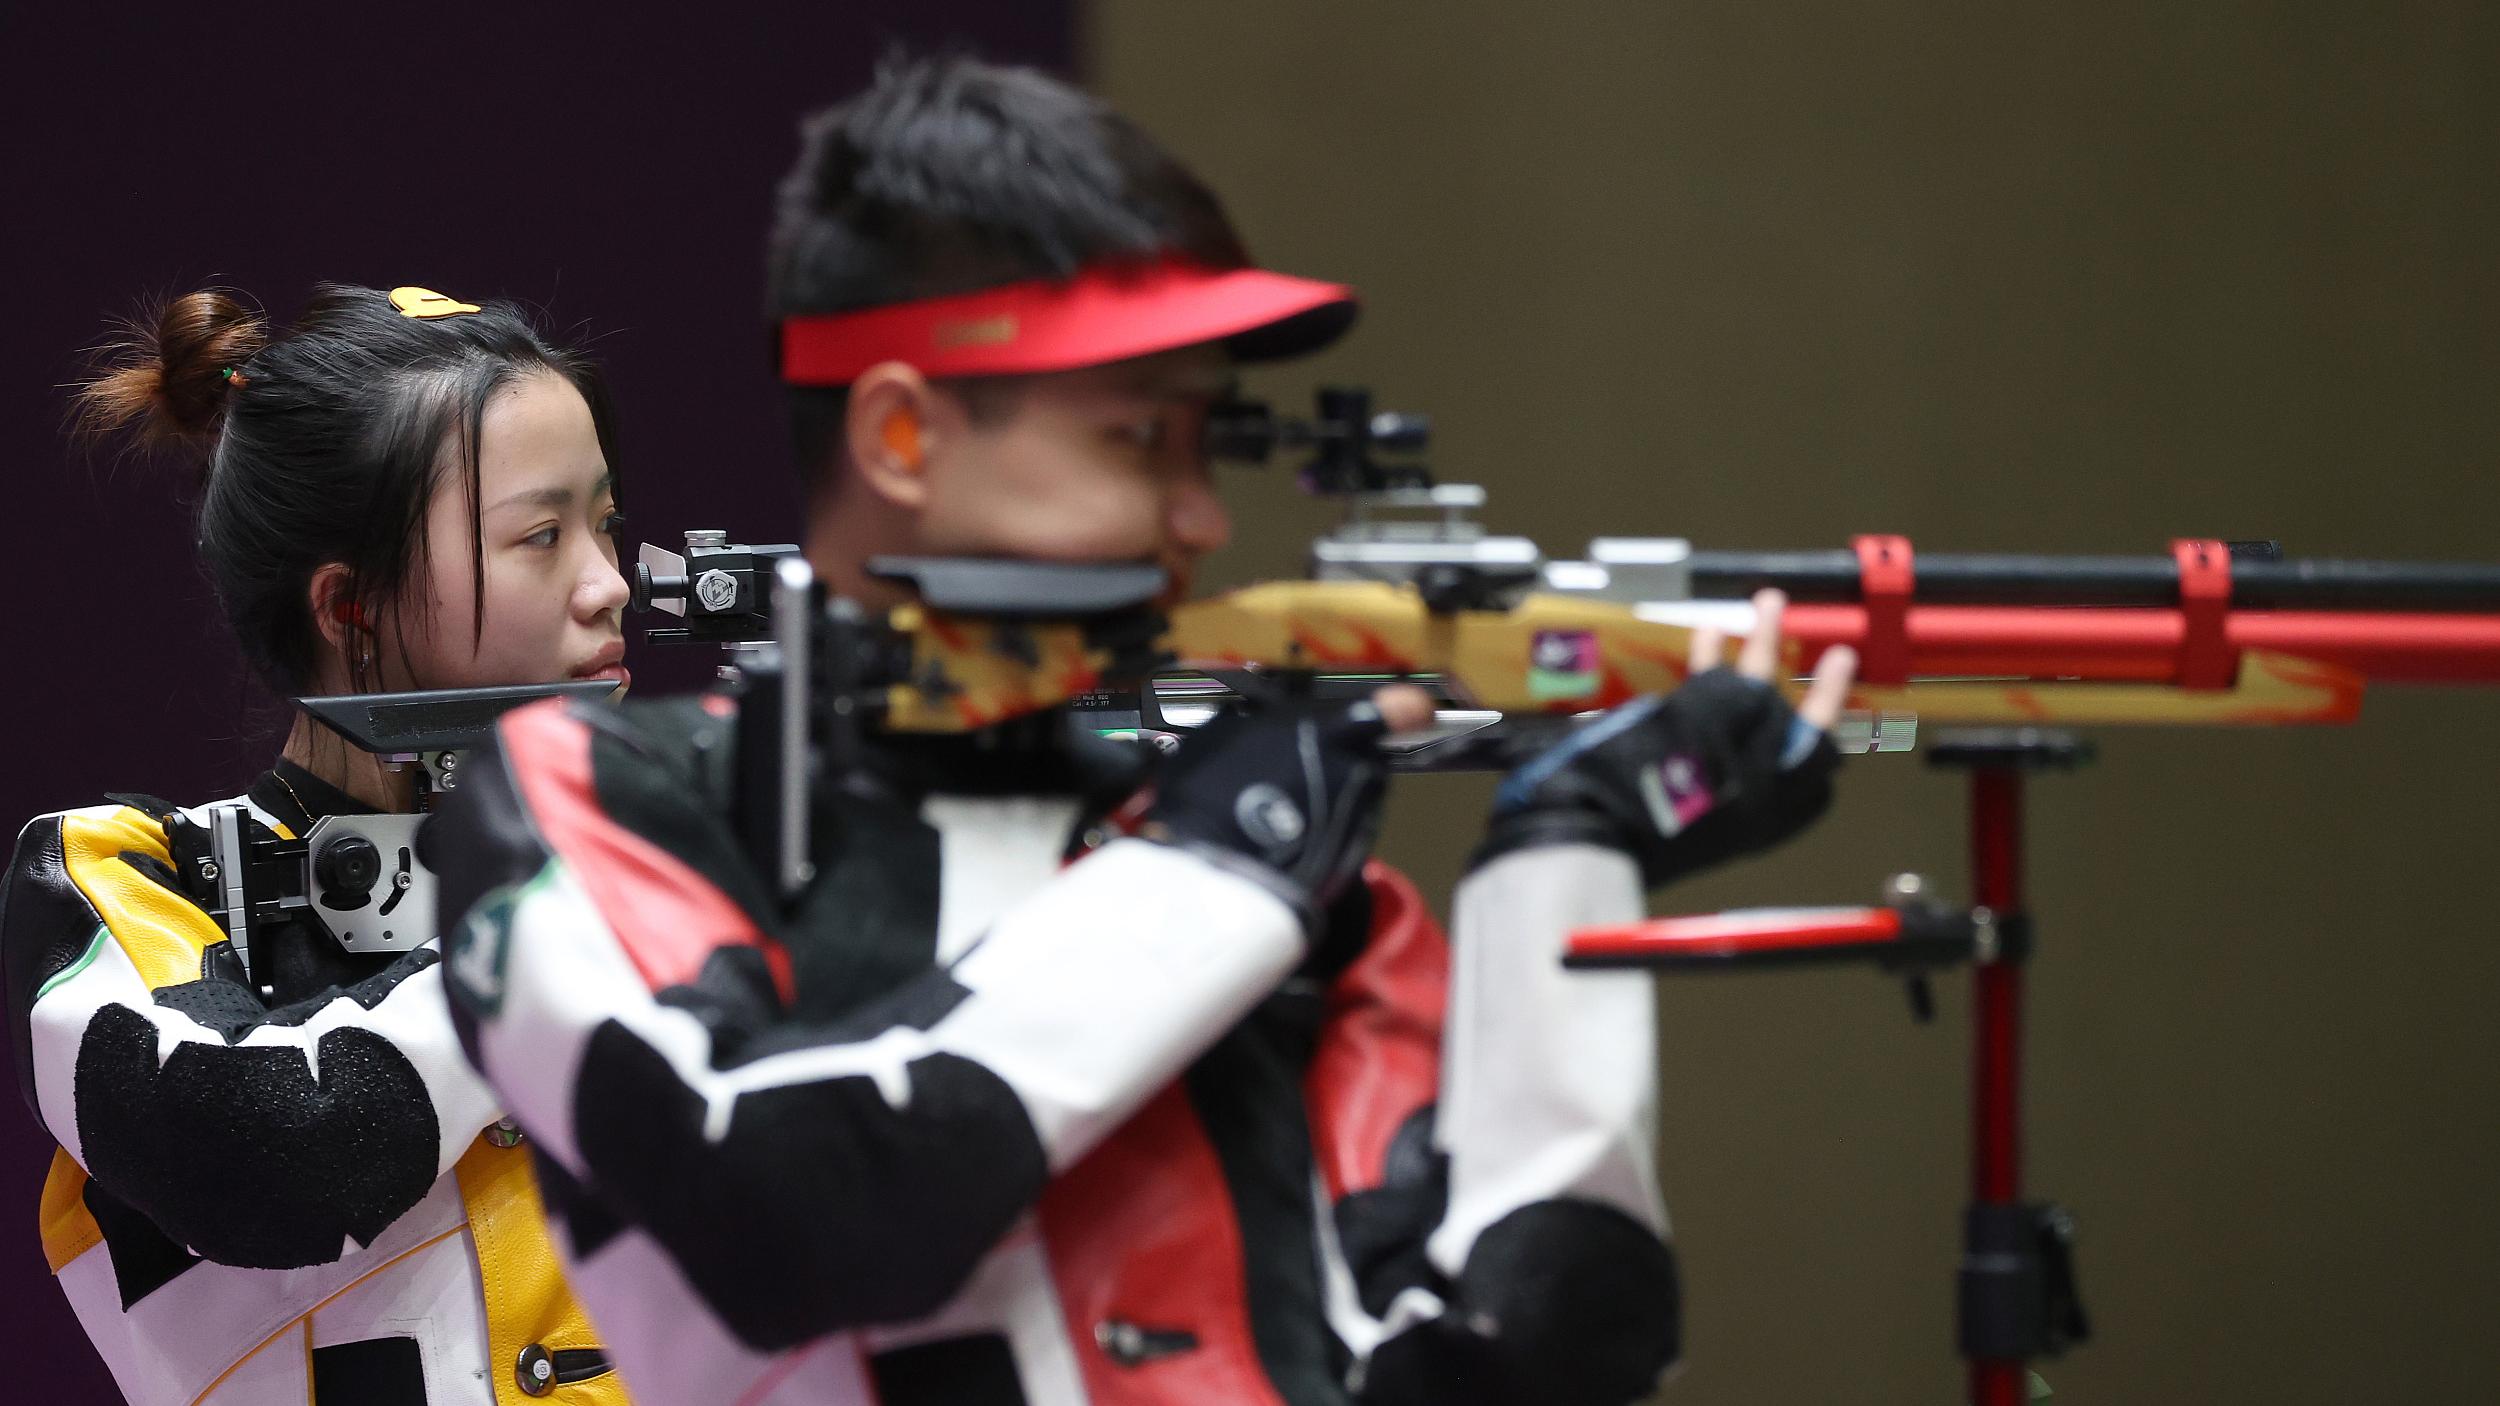 第9金! 杨倩/杨皓然获得射击10米气步枪混合团体冠军